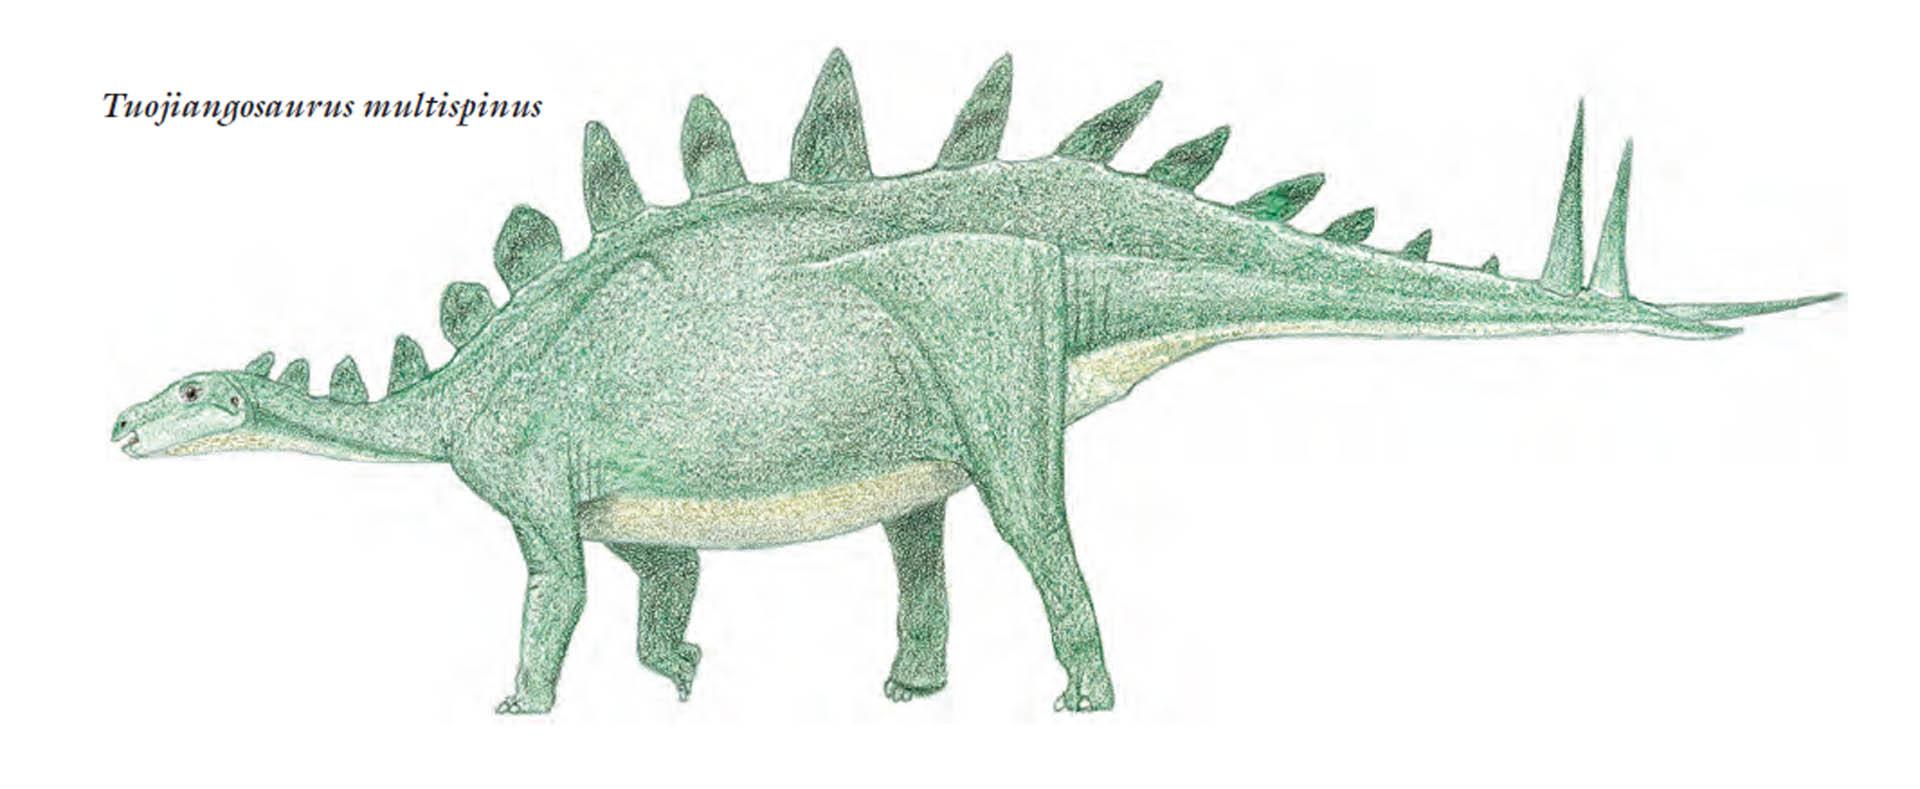 Multi Spined Stegosaurus 2